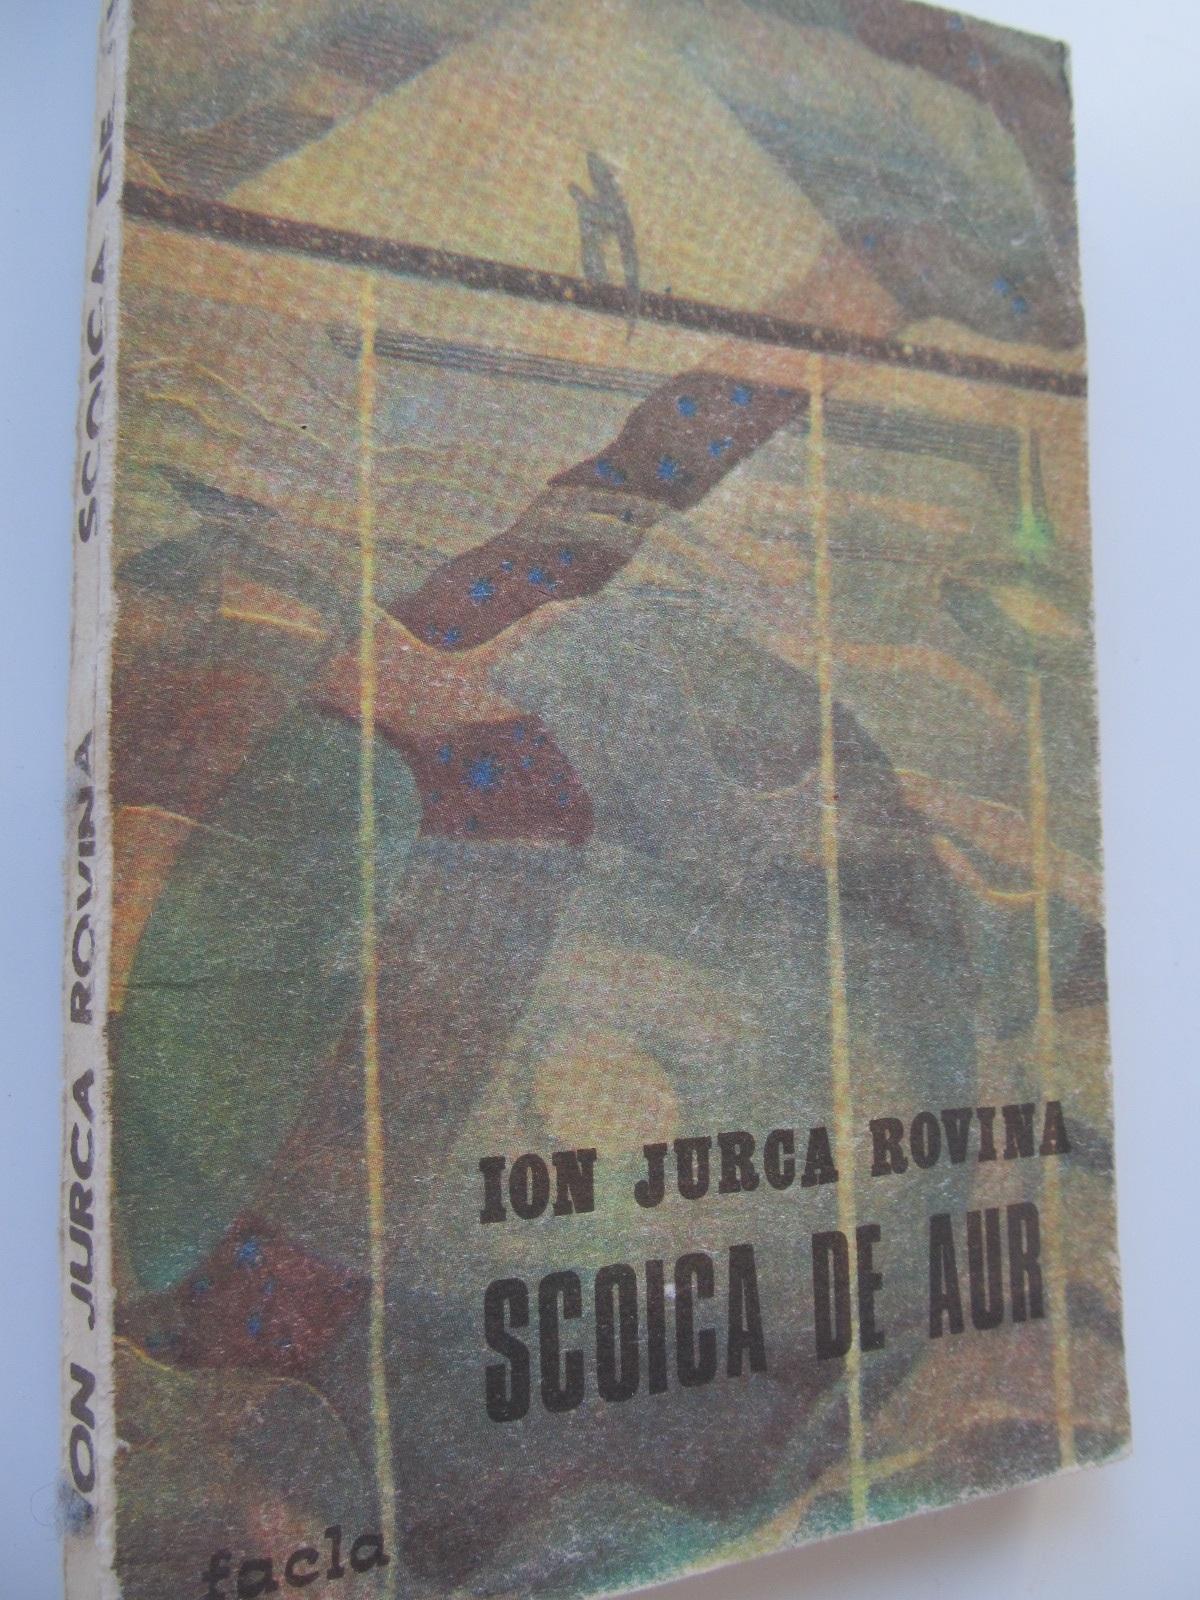 Scoica de aur - Ion Jurca Rovina | Detalii carte